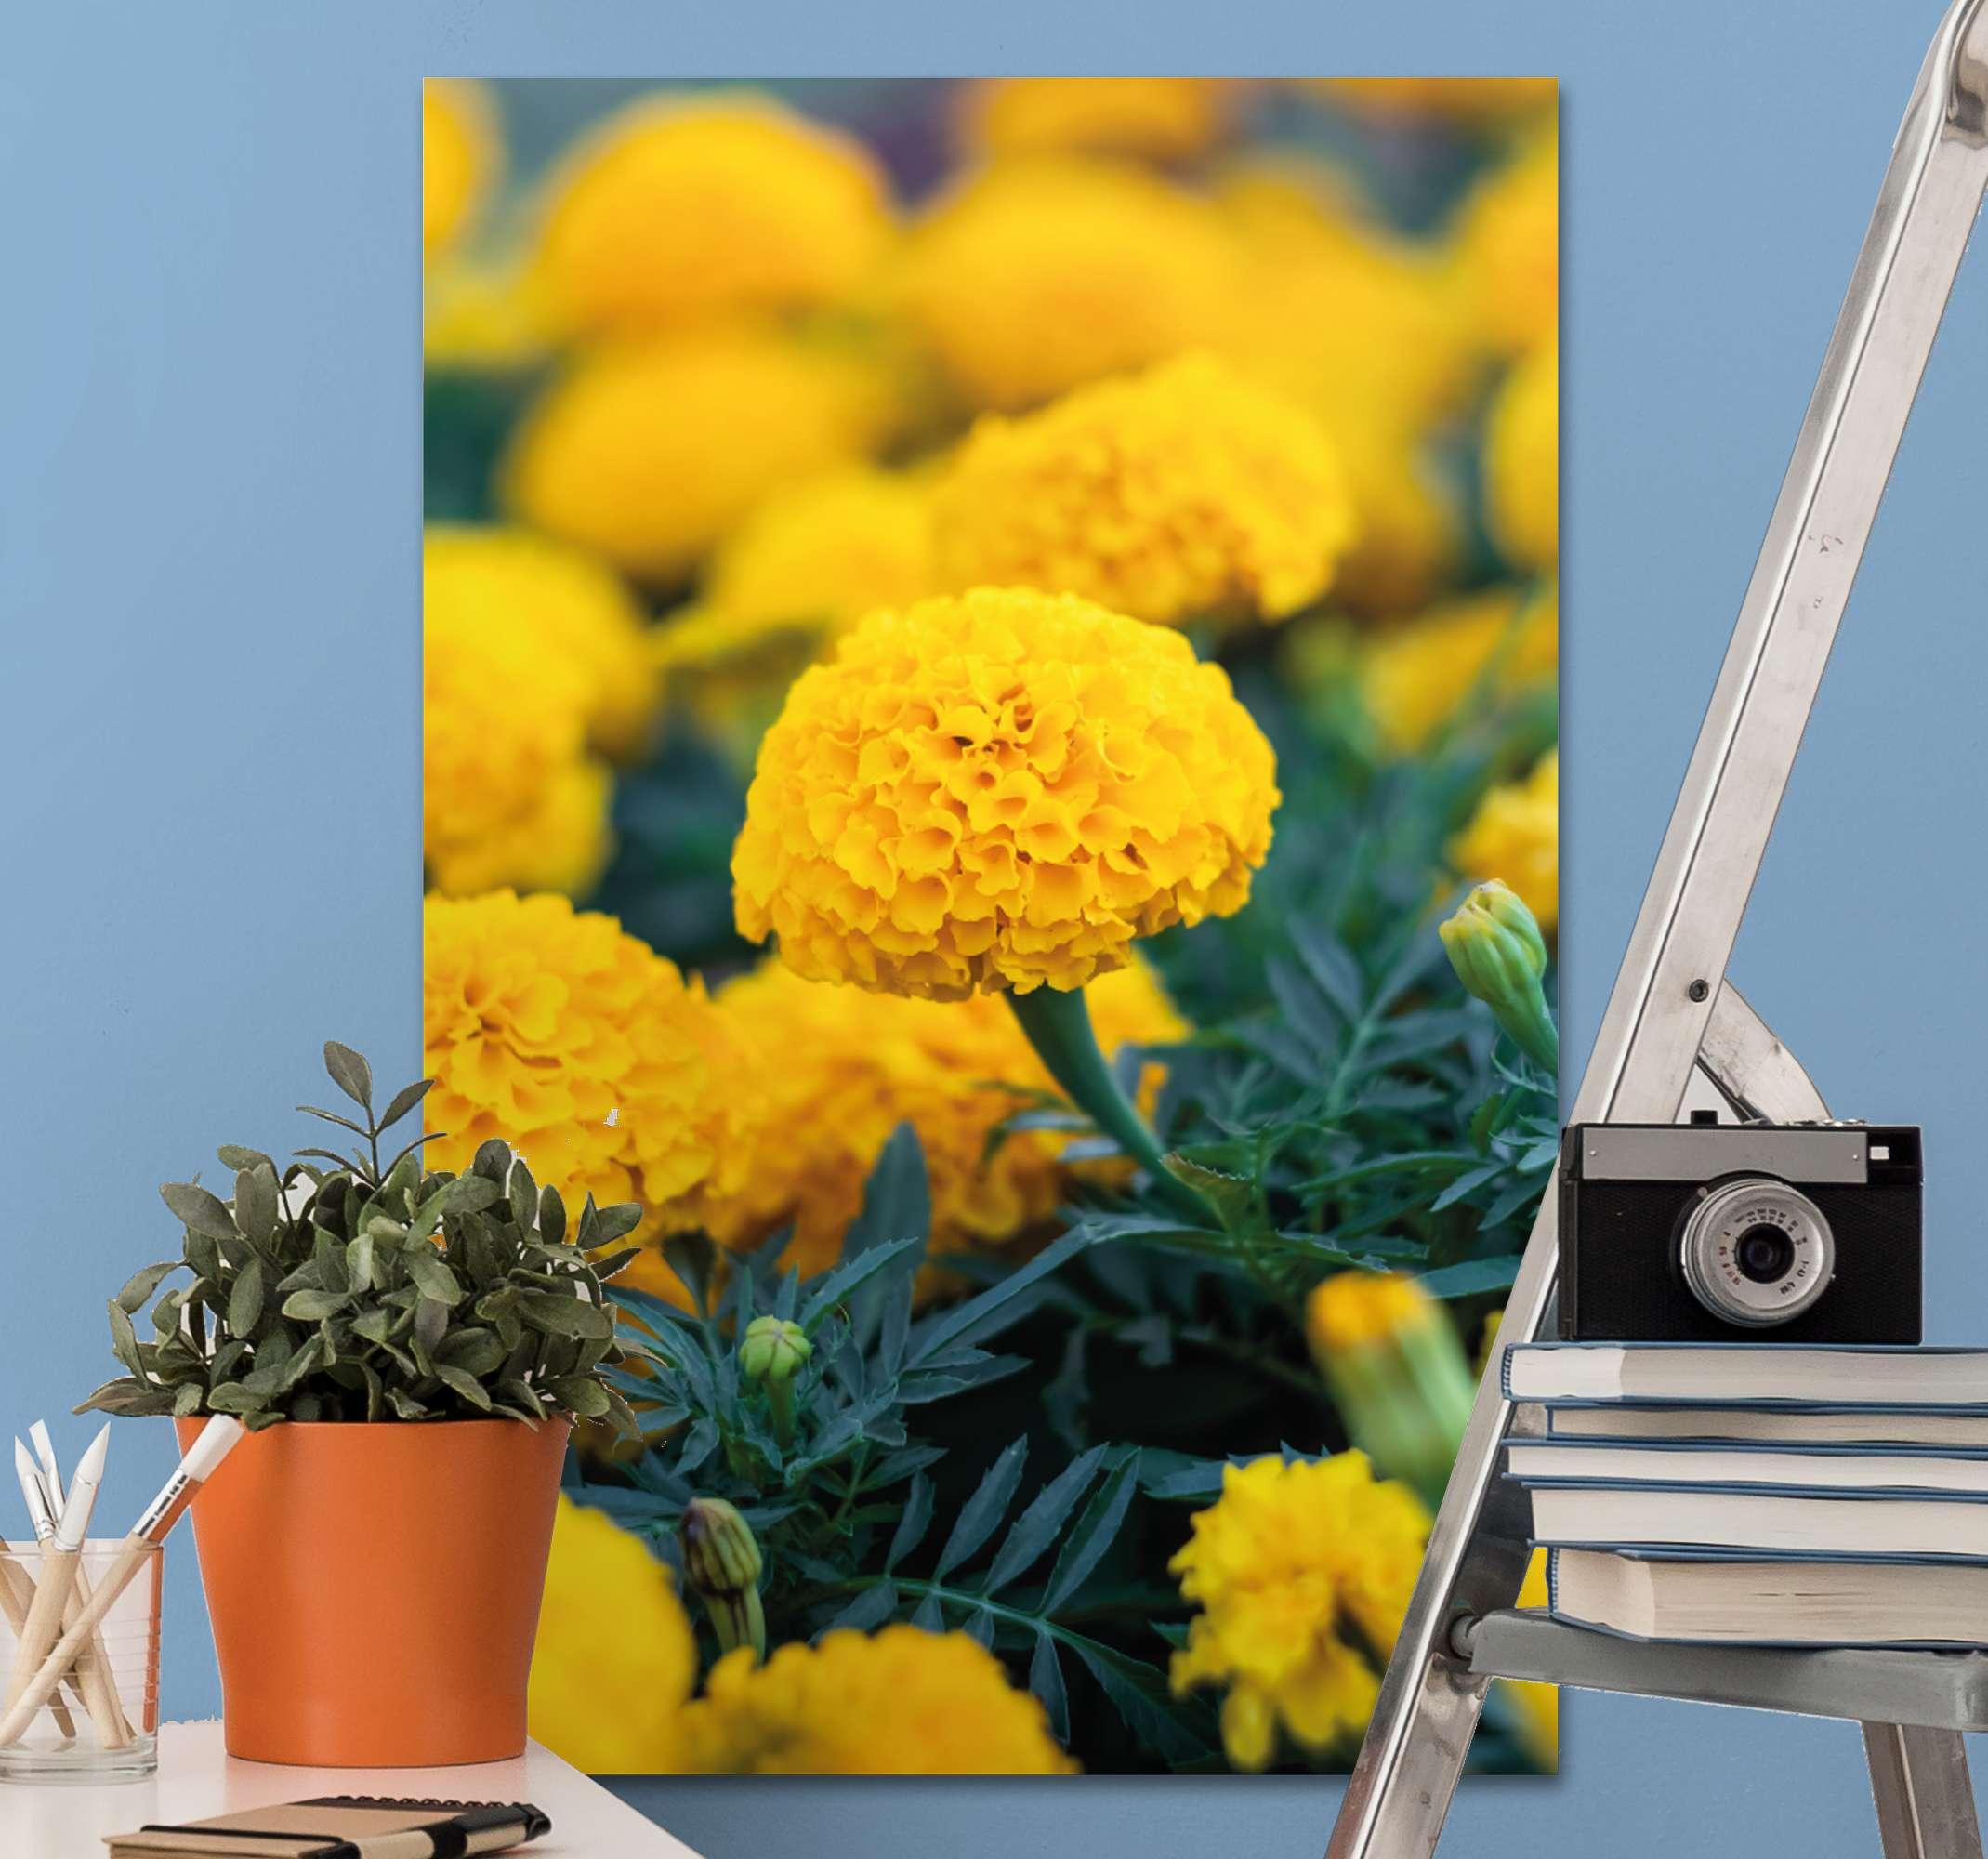 TenStickers. 3d拉玛·弗洛雷斯·纳兰哈斯3d艺术墙. 精美的装饰画布,适用于居家和公共区域,例如客厅,客厅,办公室,客厅,访客区等